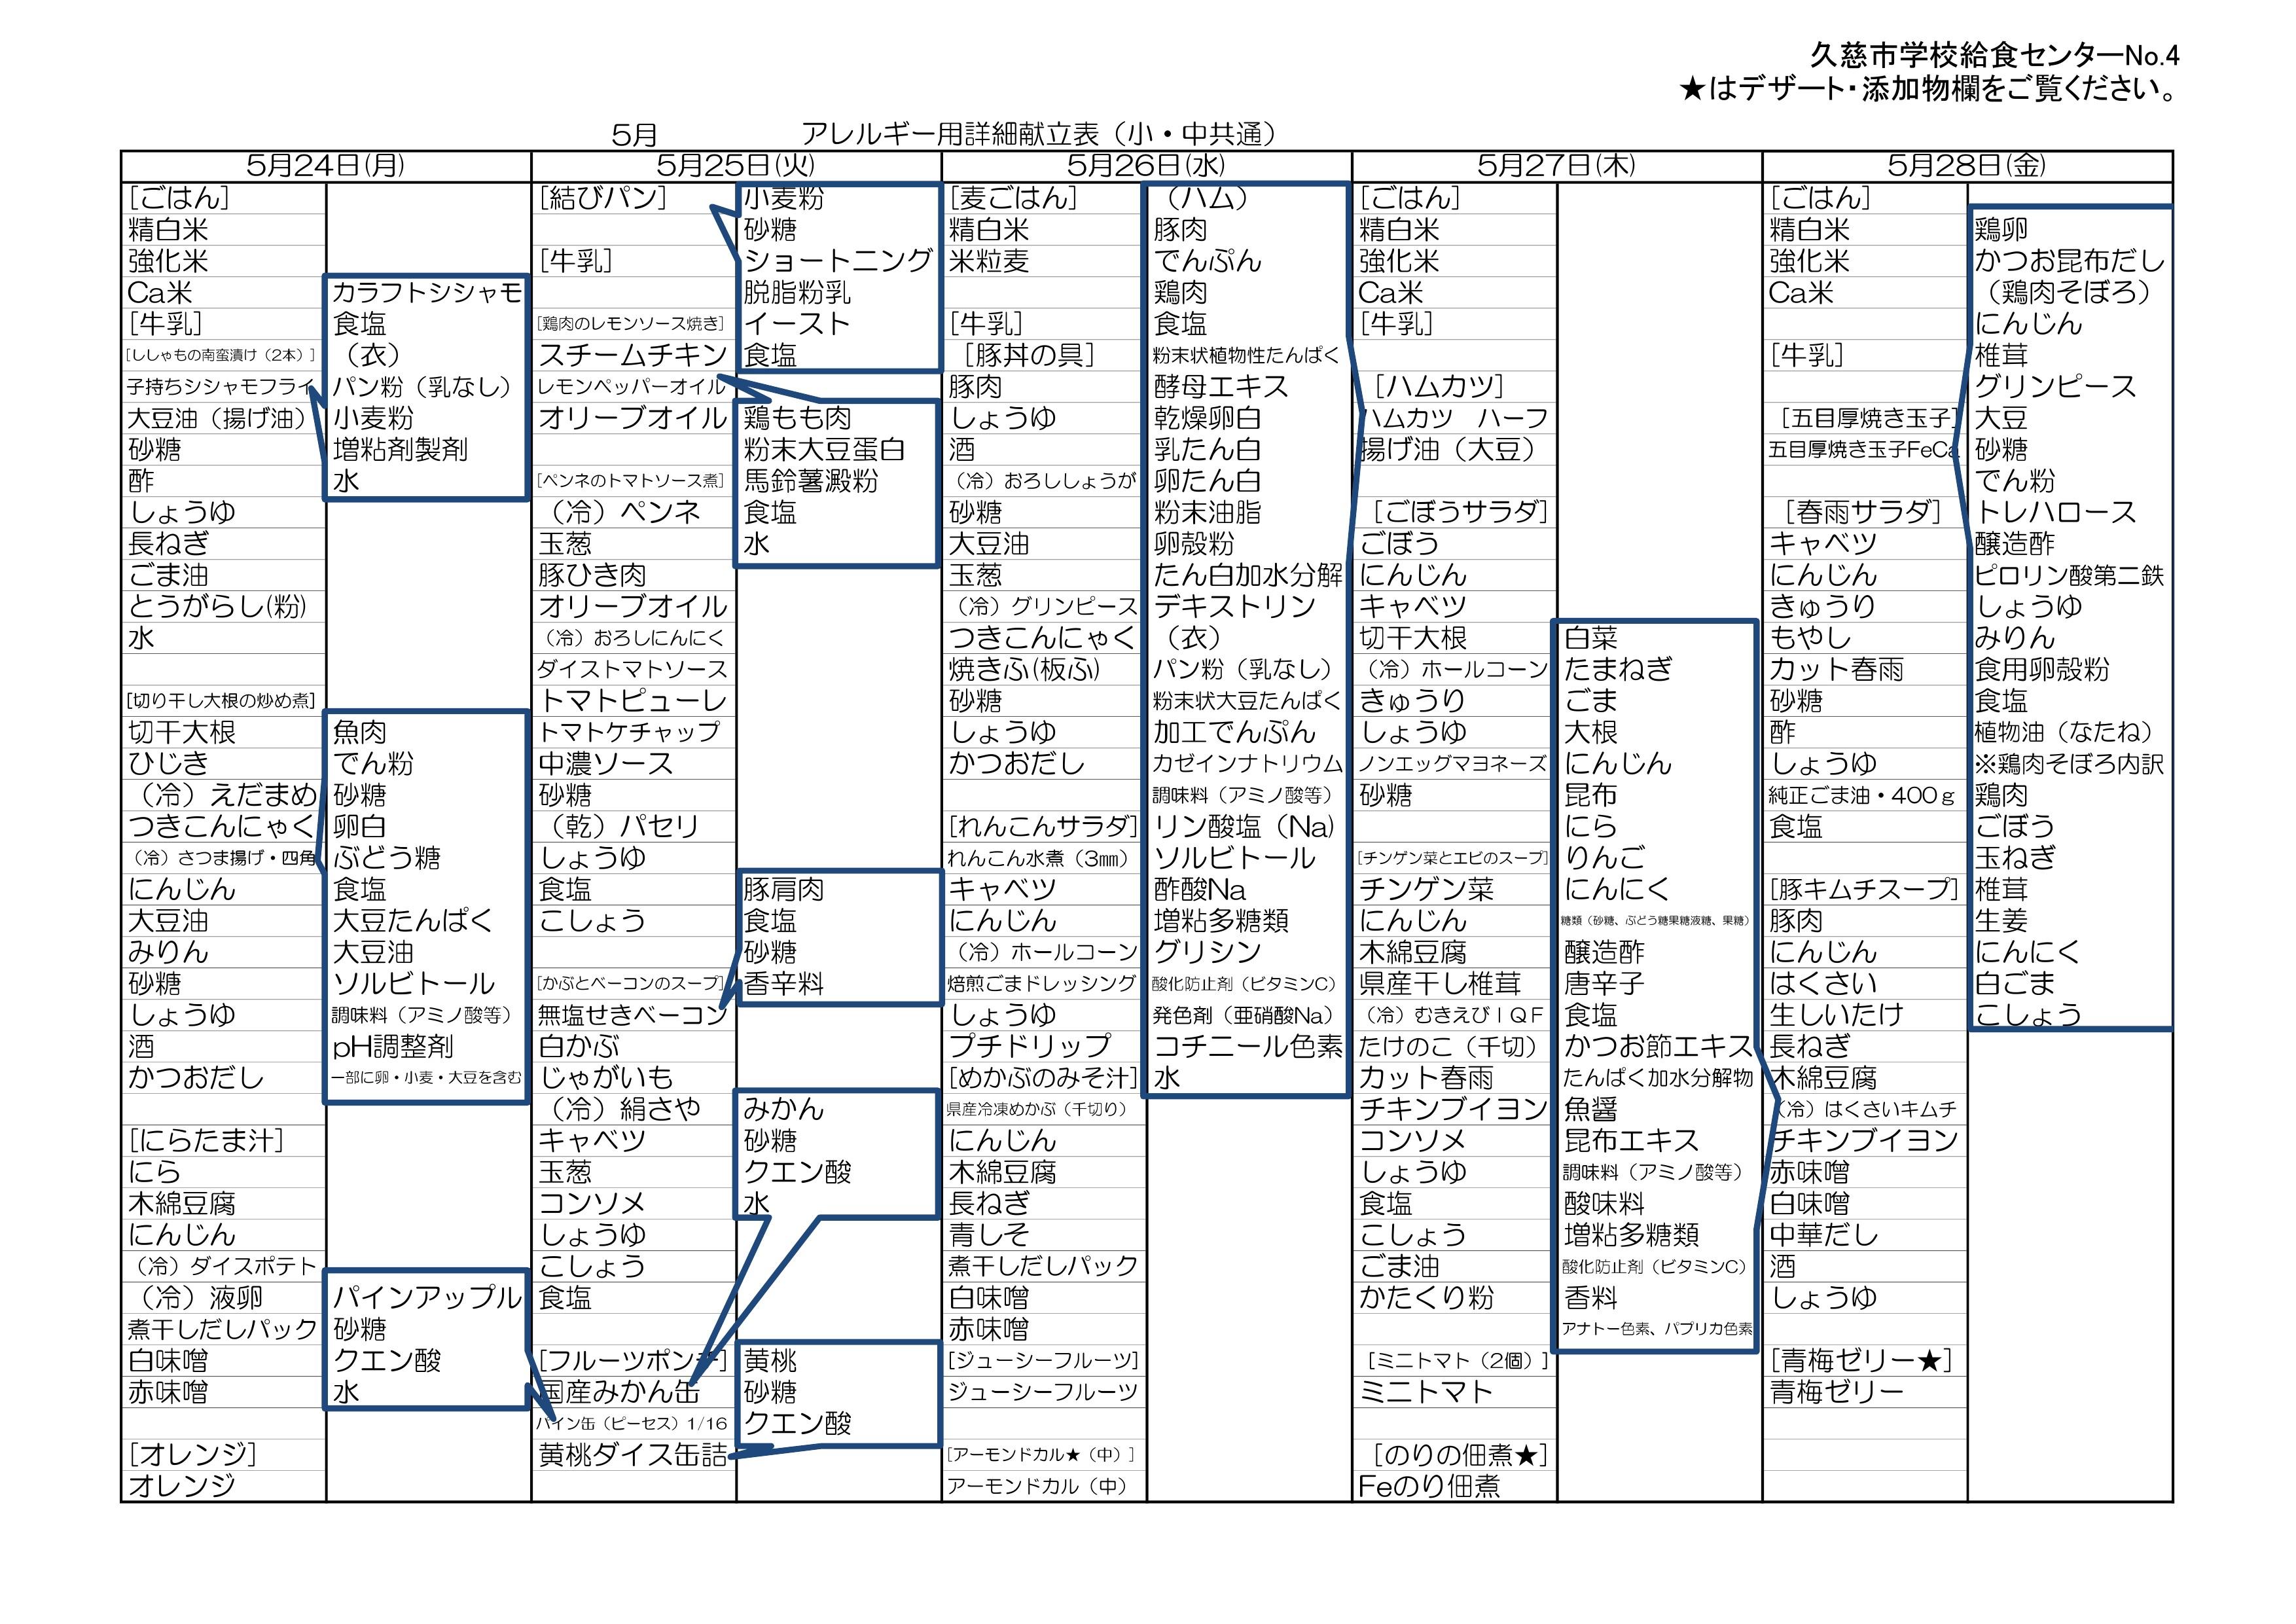 詳細献立表(令和3年5月)4ページ